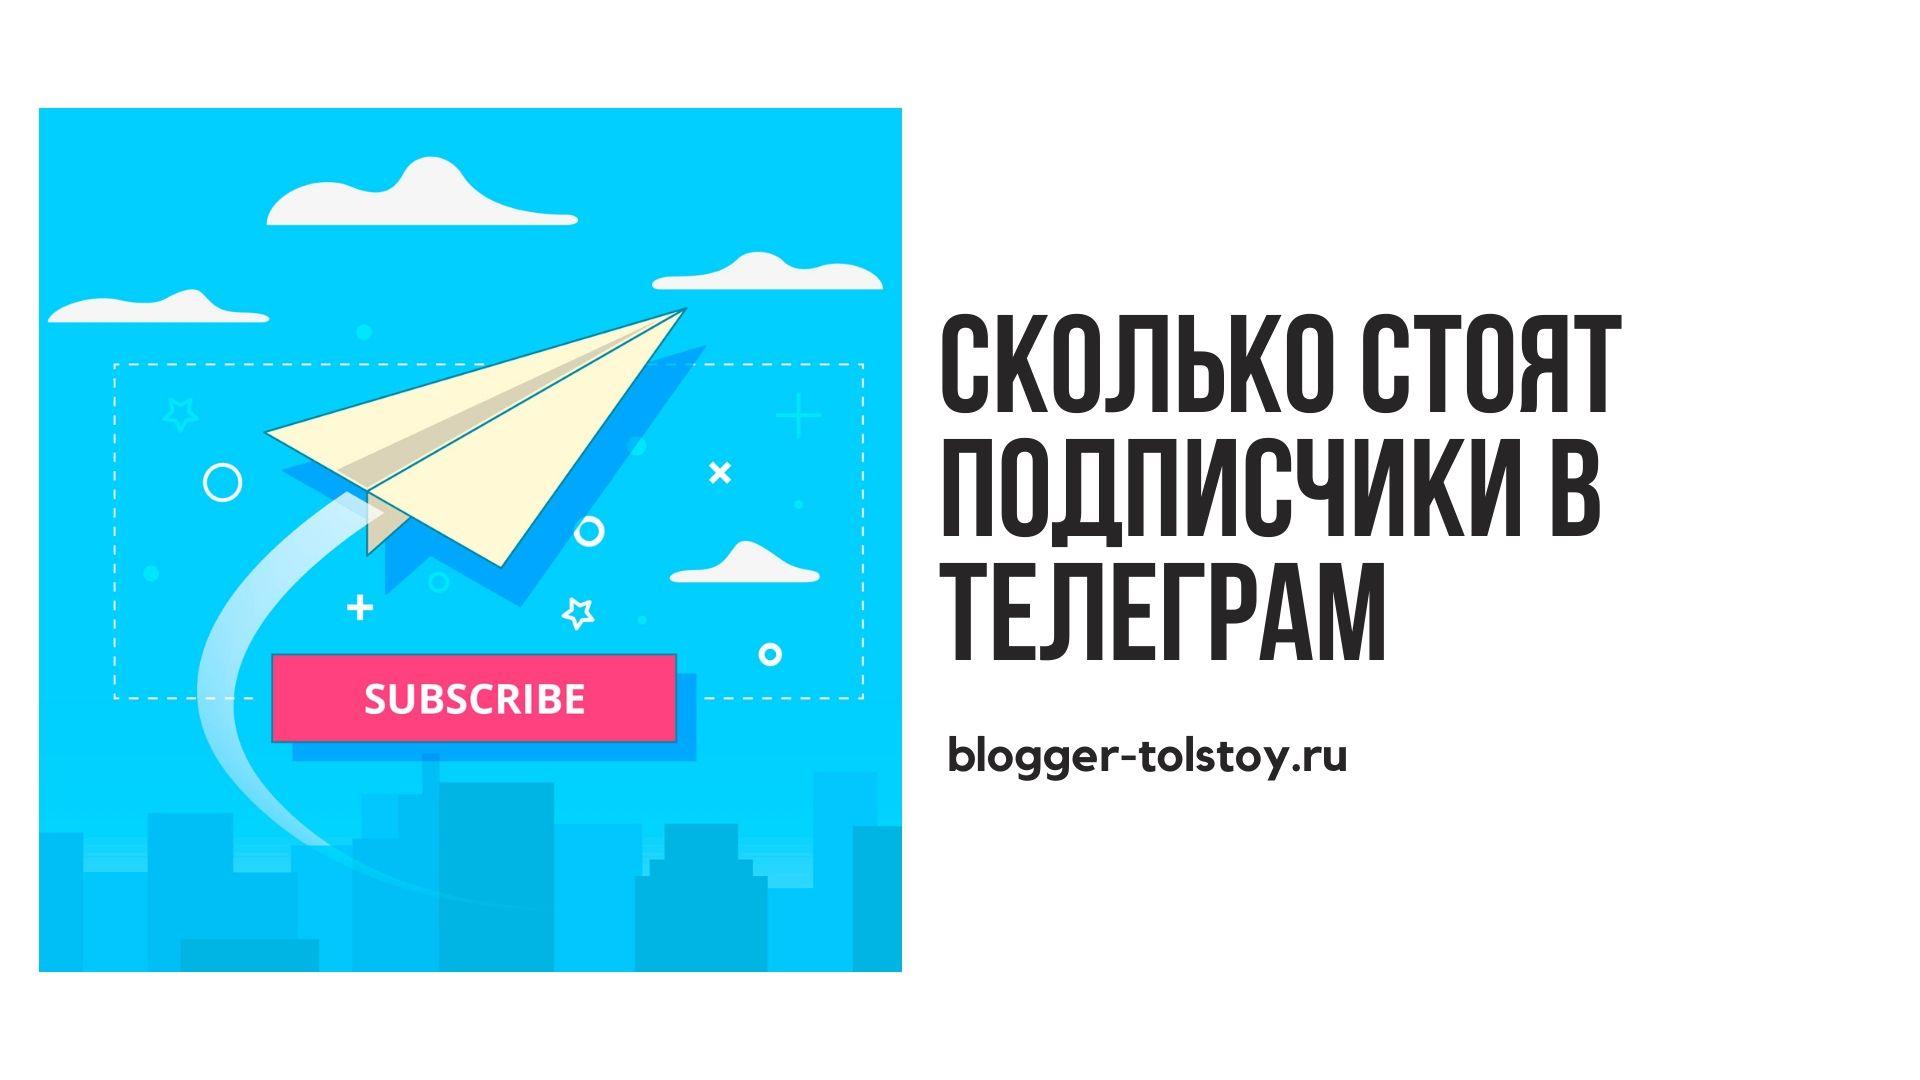 Сколько стоят подписчики в Телеграм